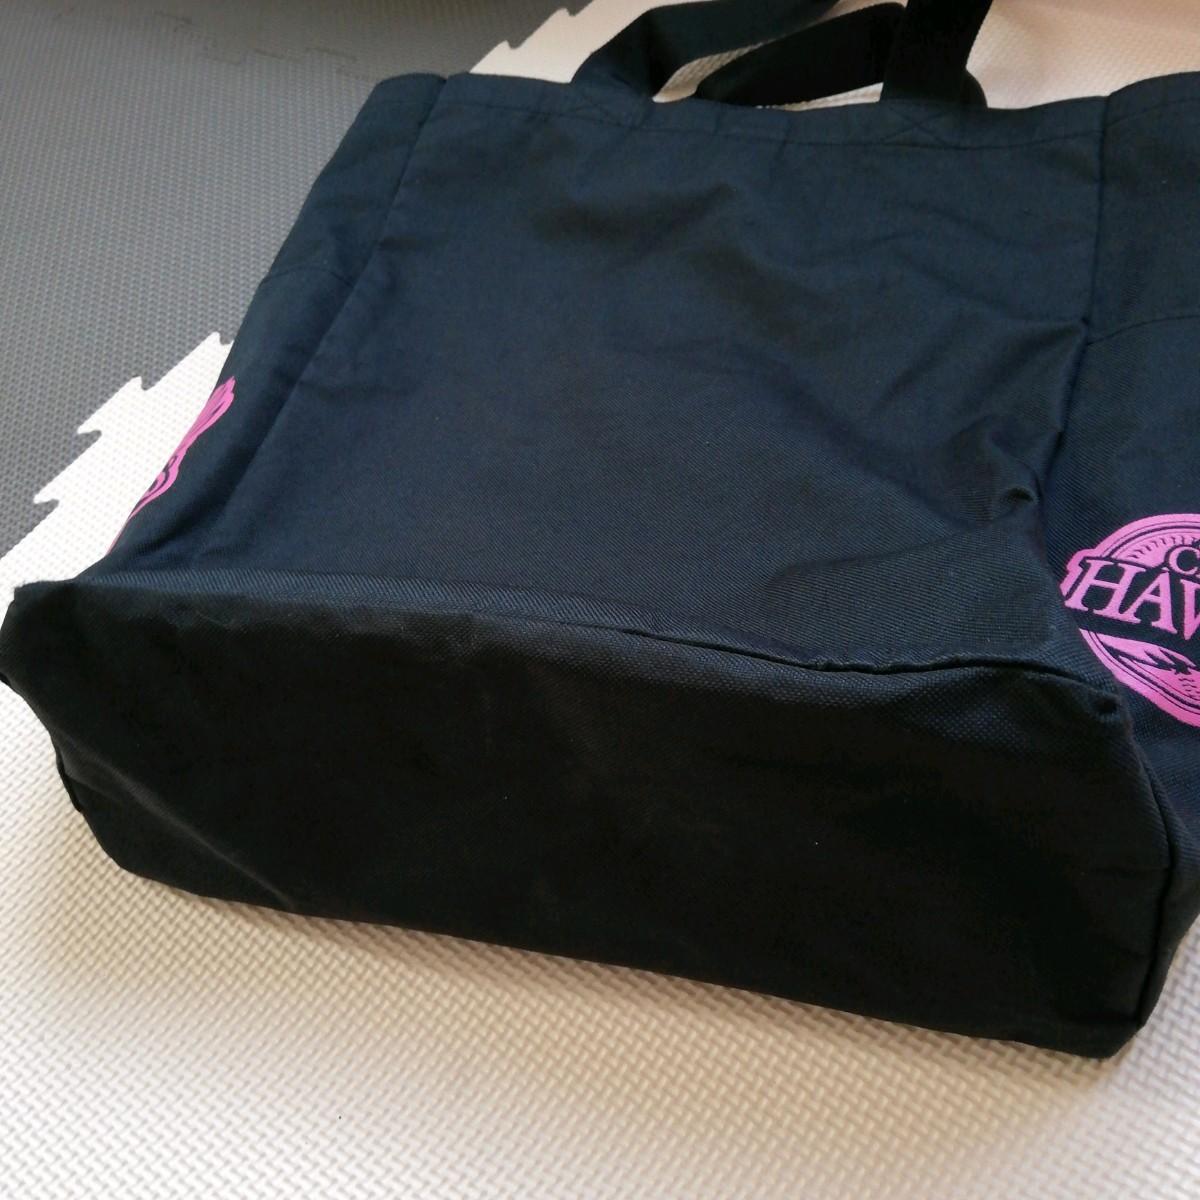 ソフトバンクホークス ファンクラブ限定トートバッグ 【おまけ】未使用のソフトバンクマーク付きマスク  エコバッグ